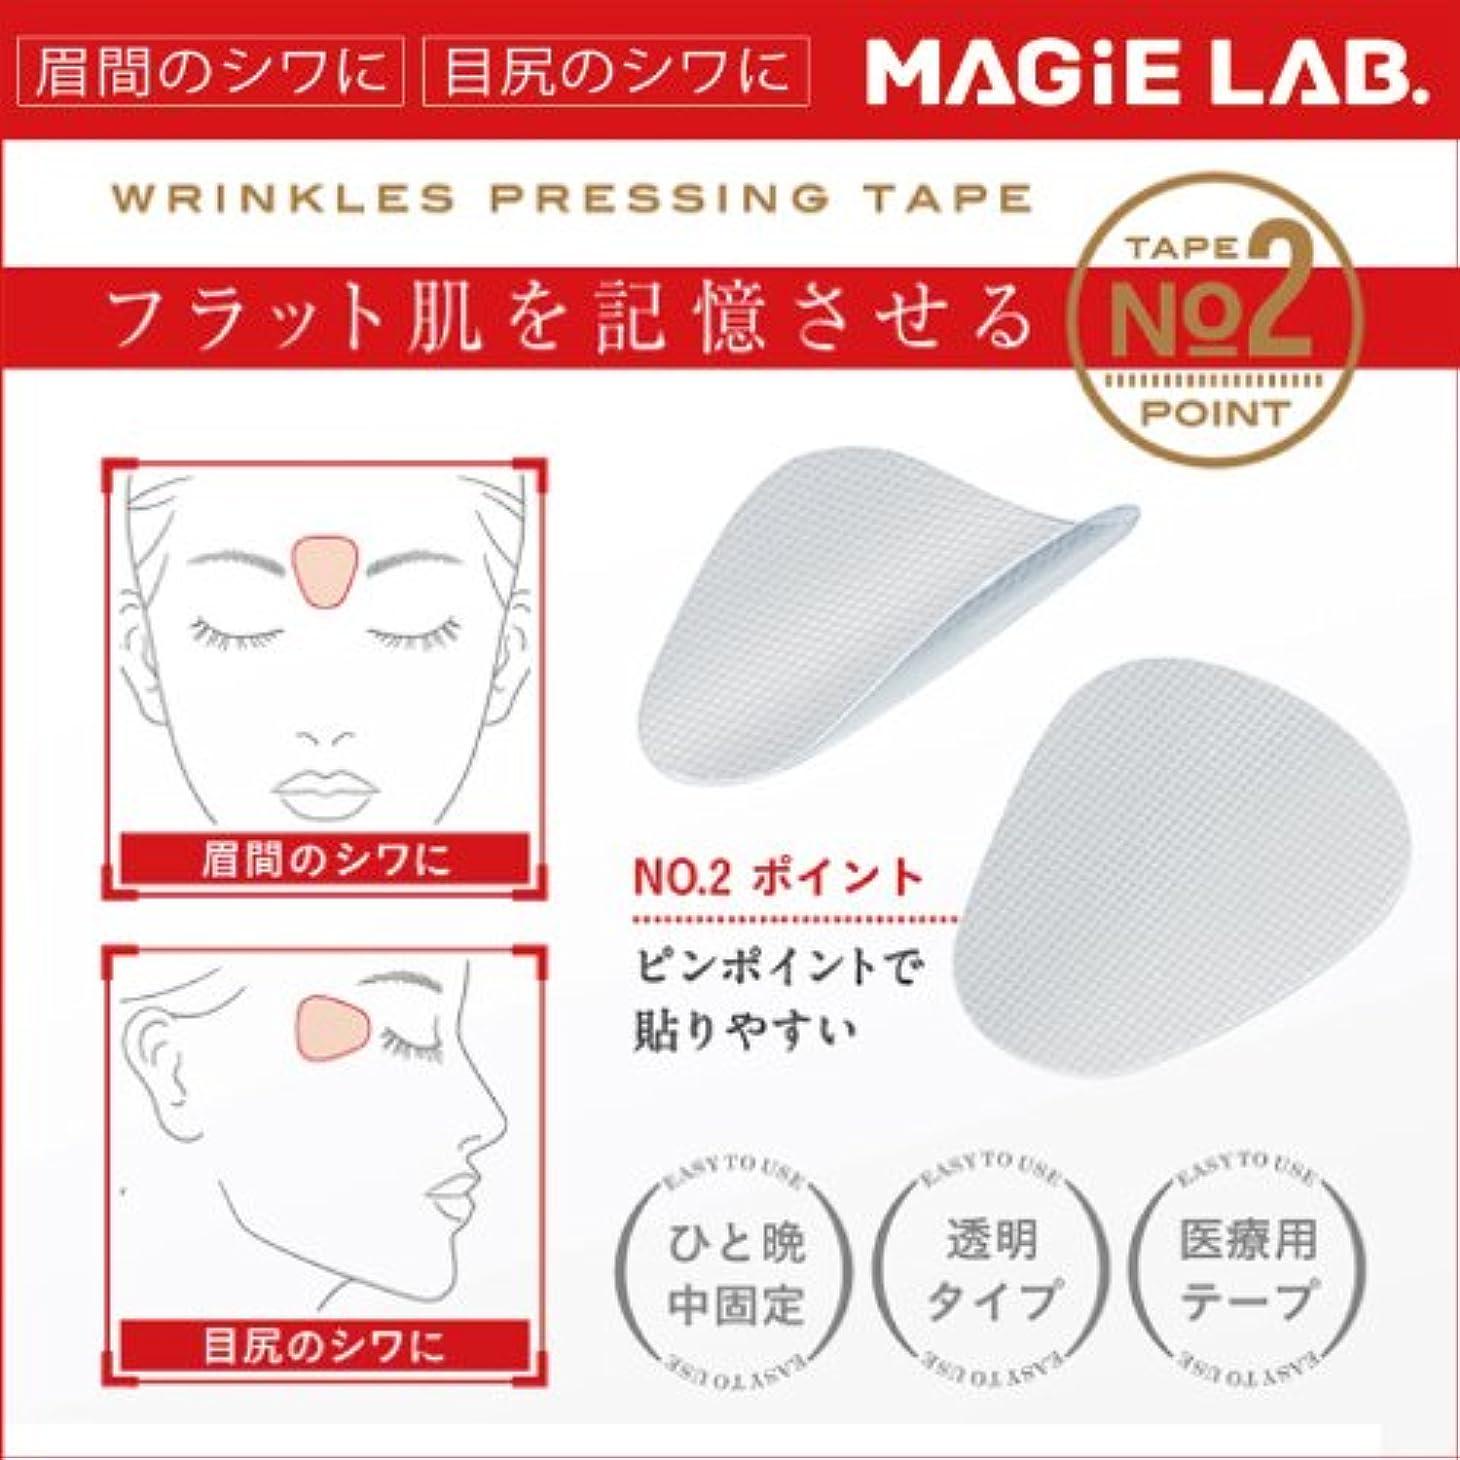 教える非互換変動するMAGiE LAB.(マジラボ) 一点集中カバー お休み中のしわ伸ばしテープ No.2.ポイントタイプ MG22116